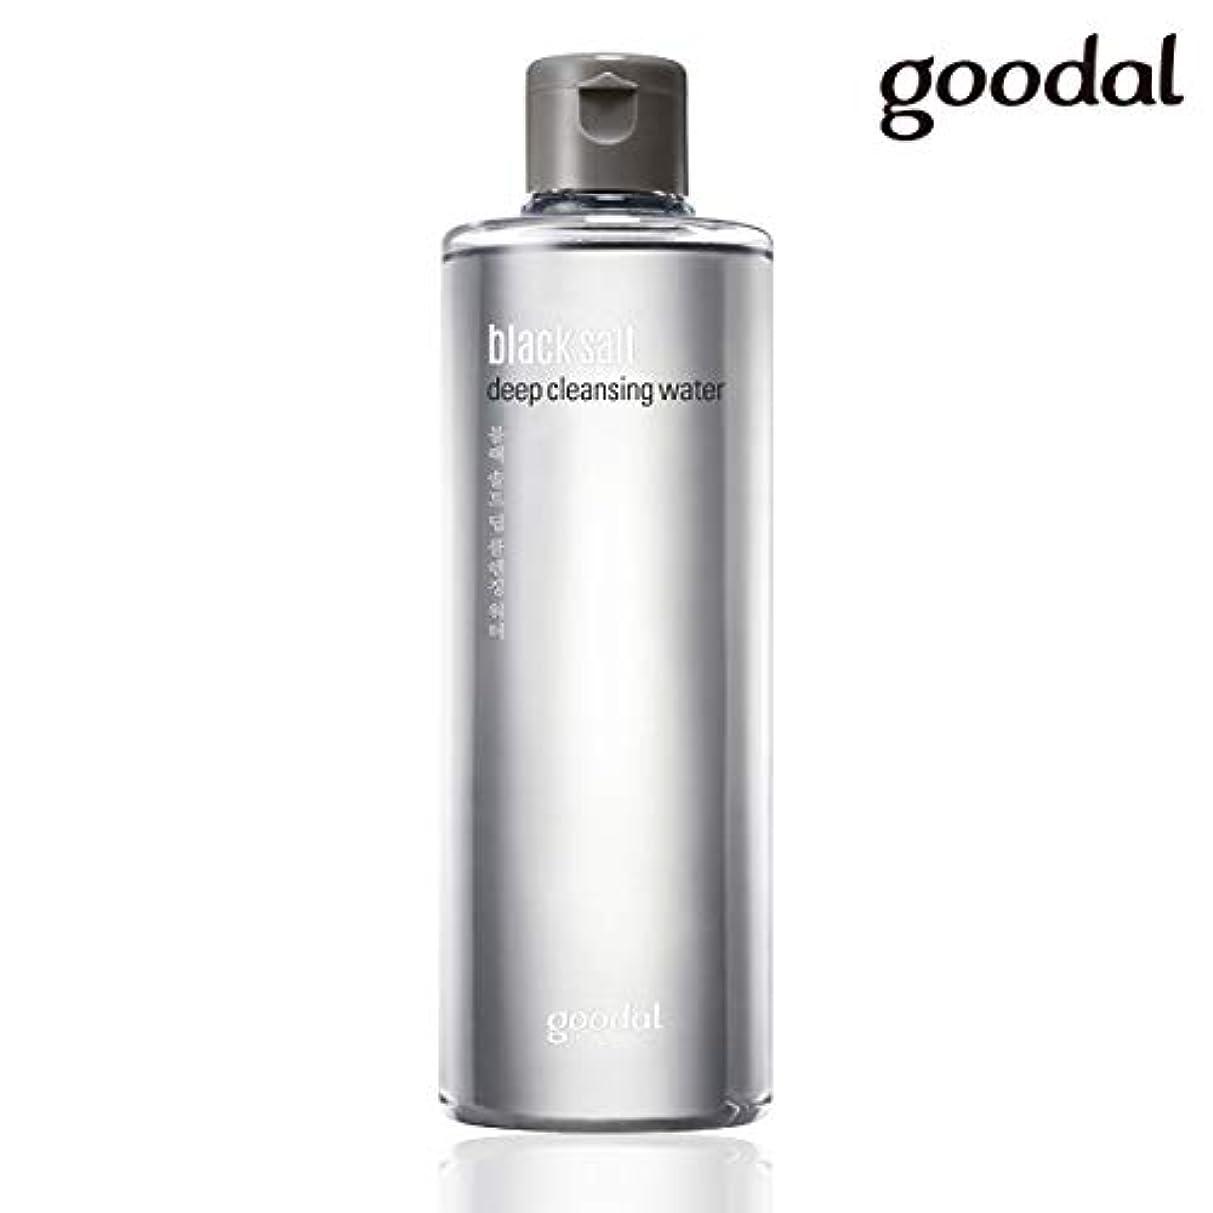 グーダル ブラックソルトディープクレンジングウォーター goodal black salt deep cleansing water 300ml [並行輸入品]